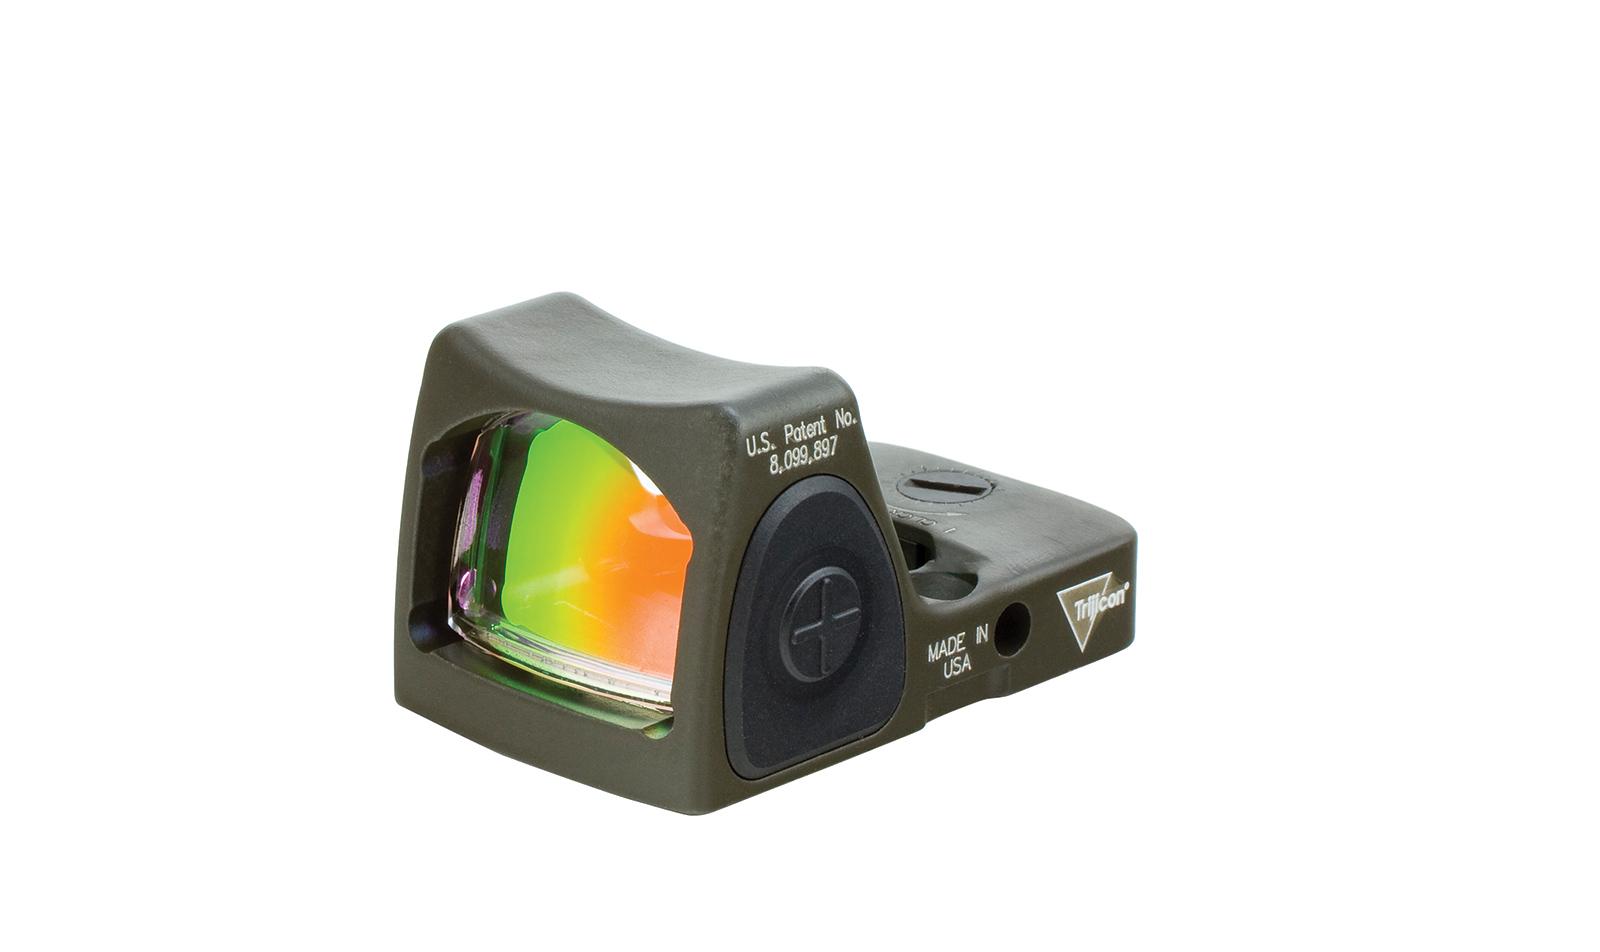 RM06-C-700695 angle 1